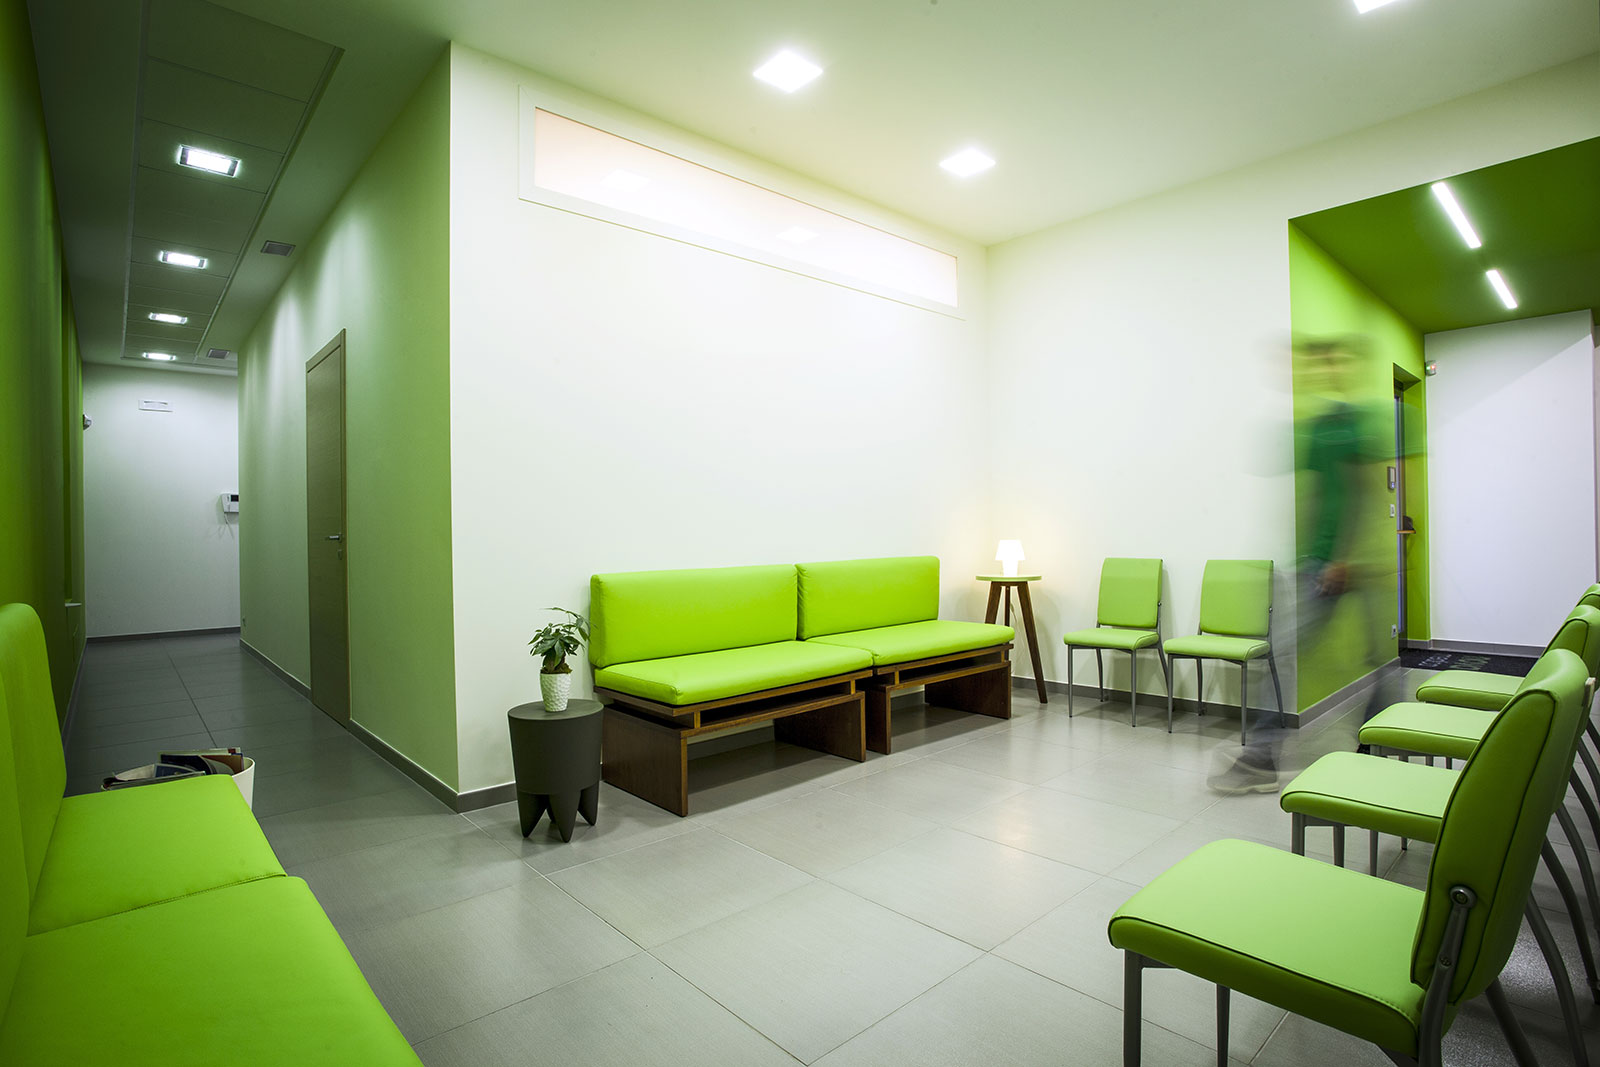 Super Sala d'attesa | Novamedica Studio Medico e Odontoiatrico VE98